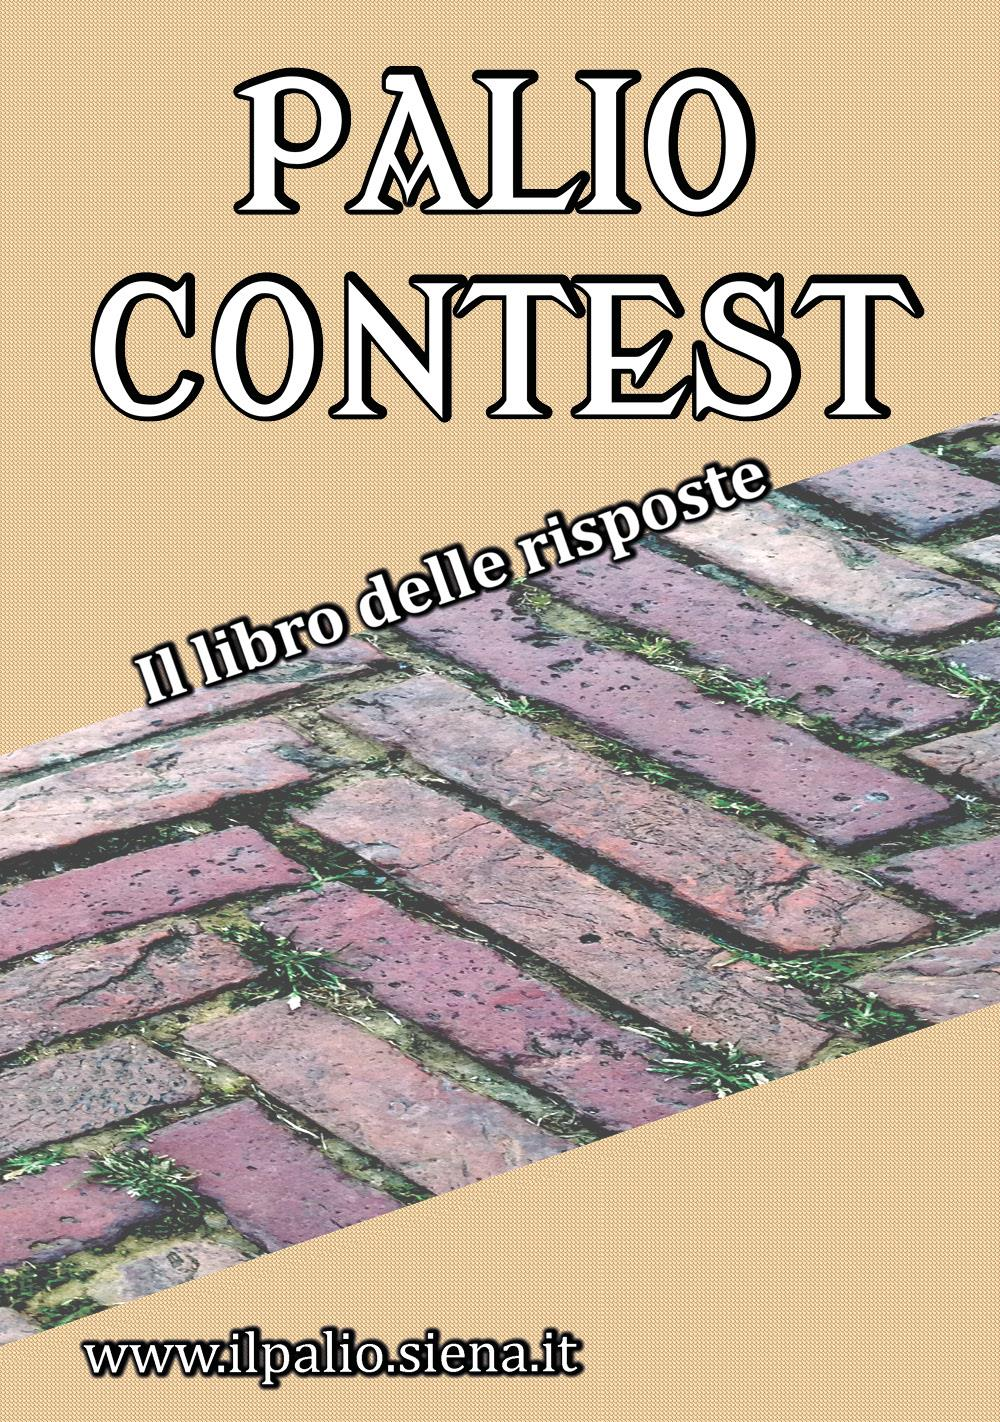 Palio Contest